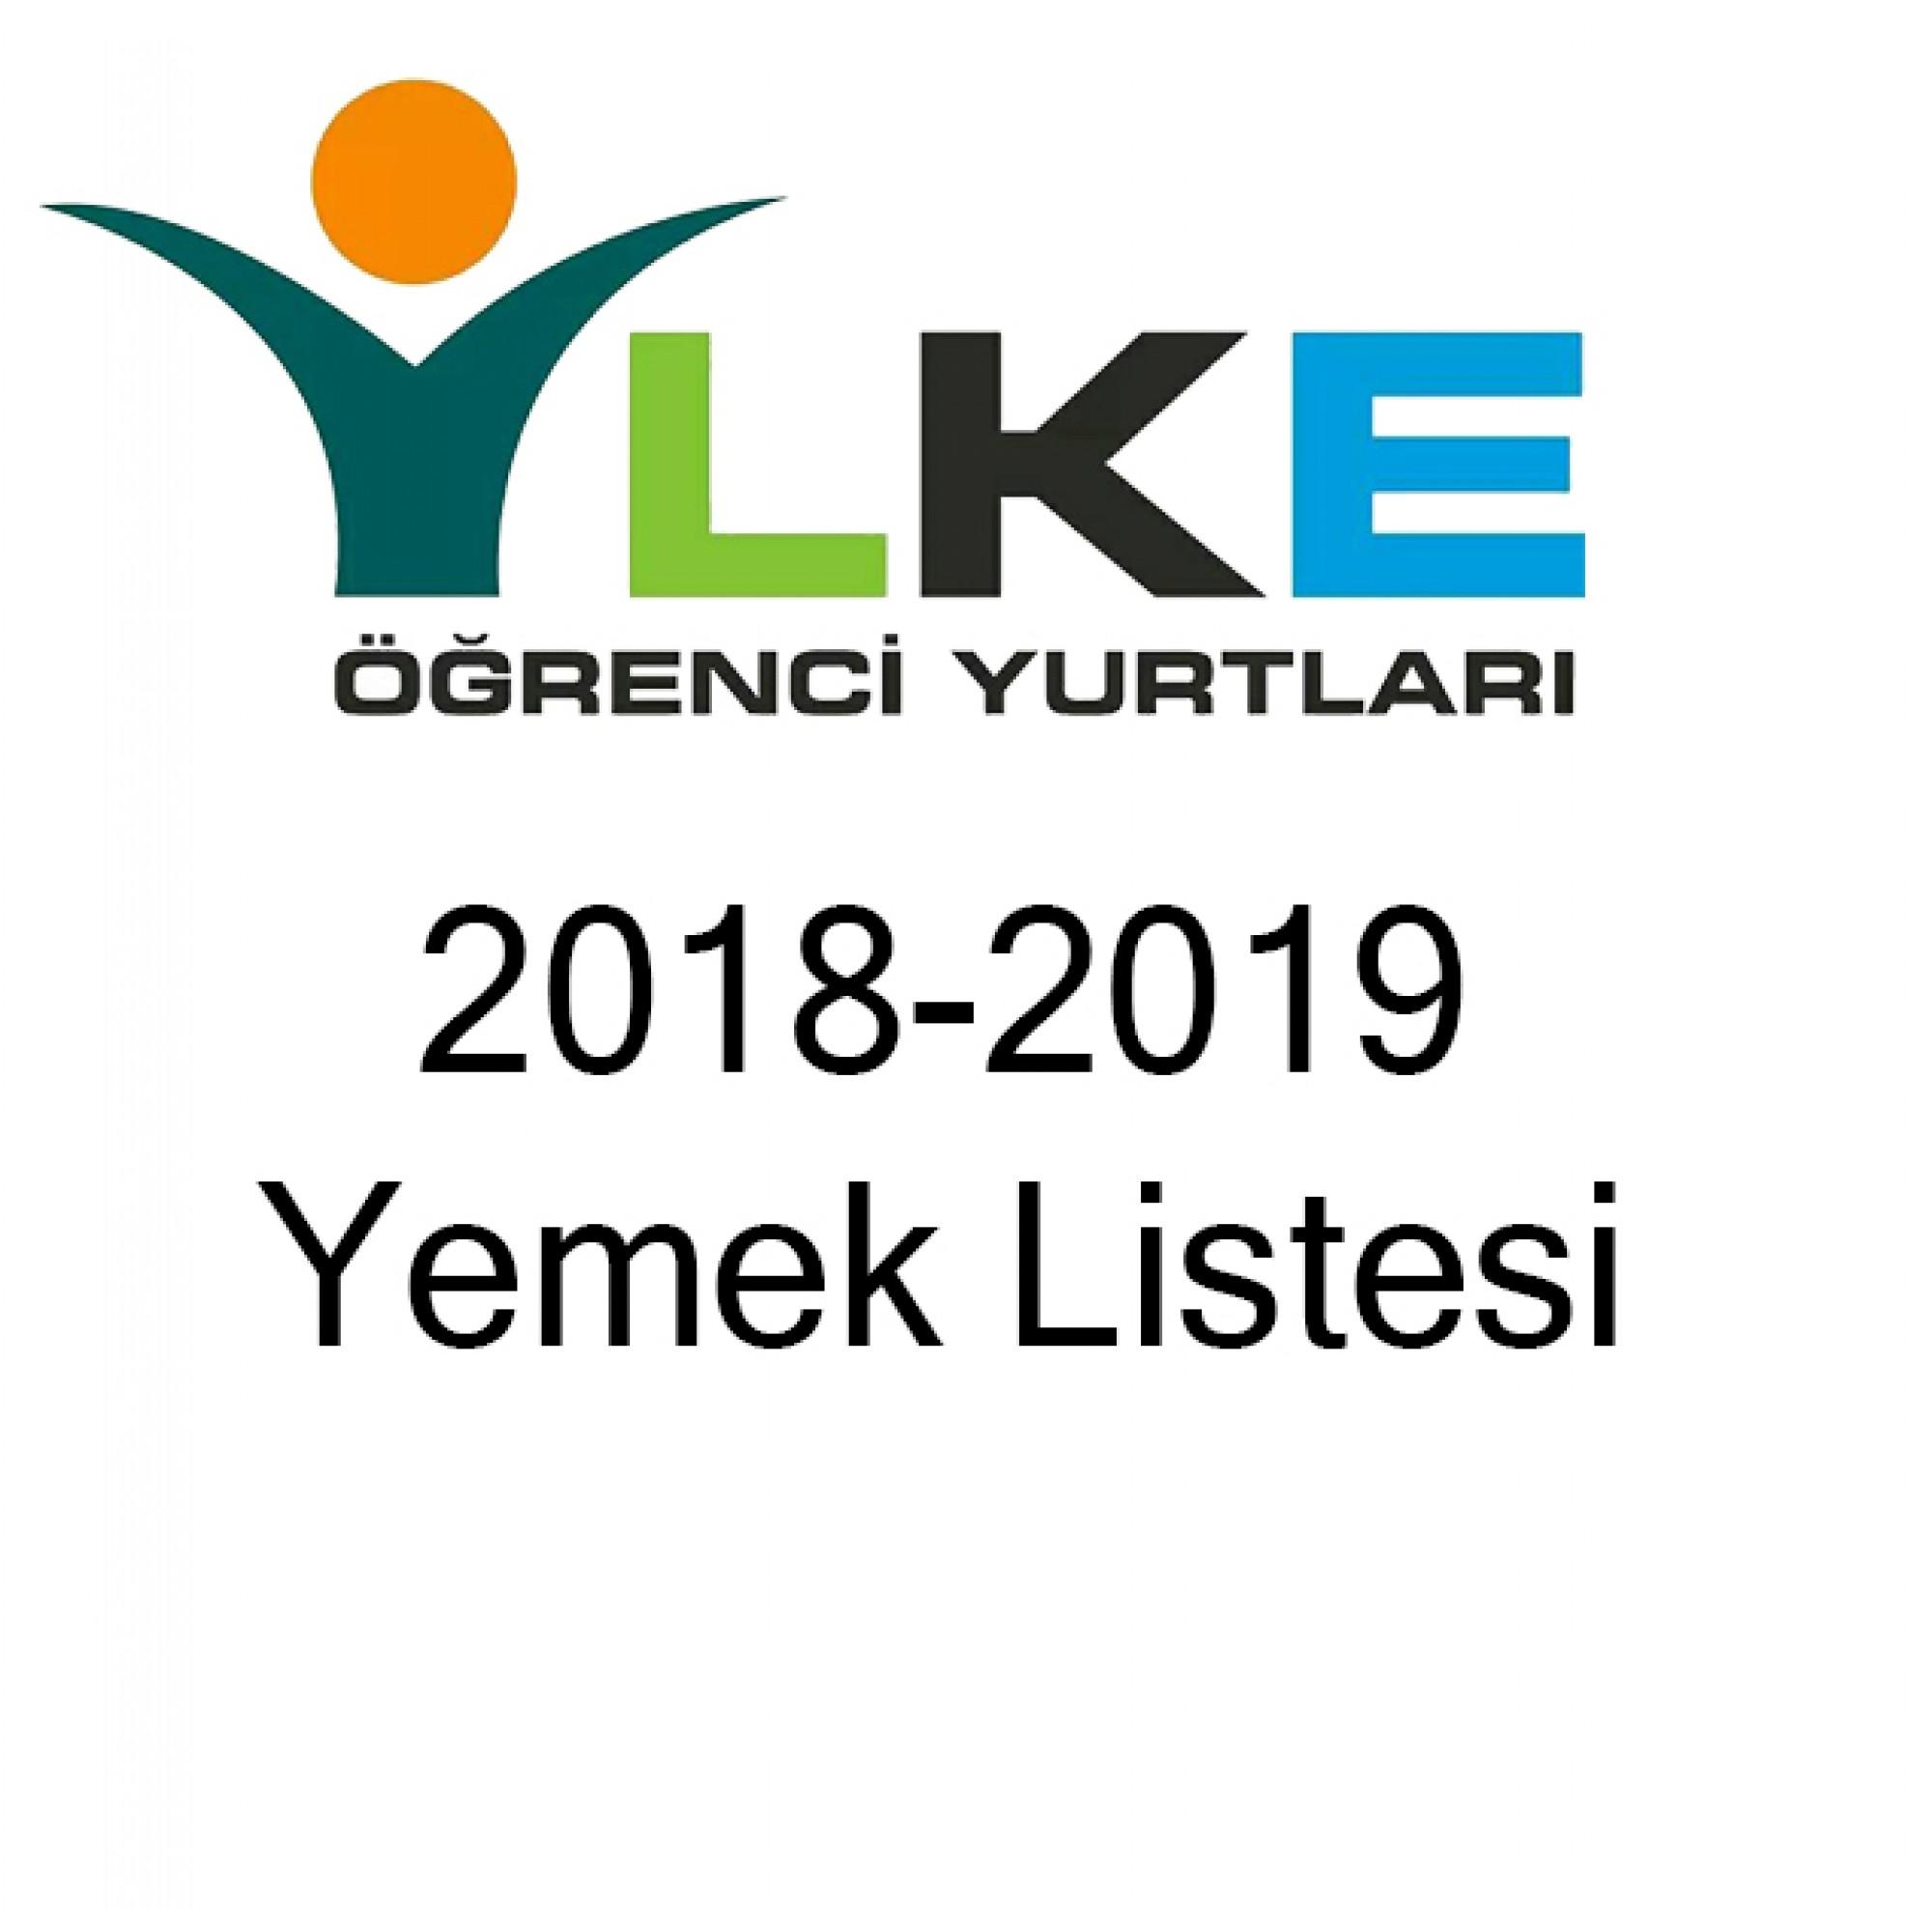 2018-2019 Yemek Listemiz